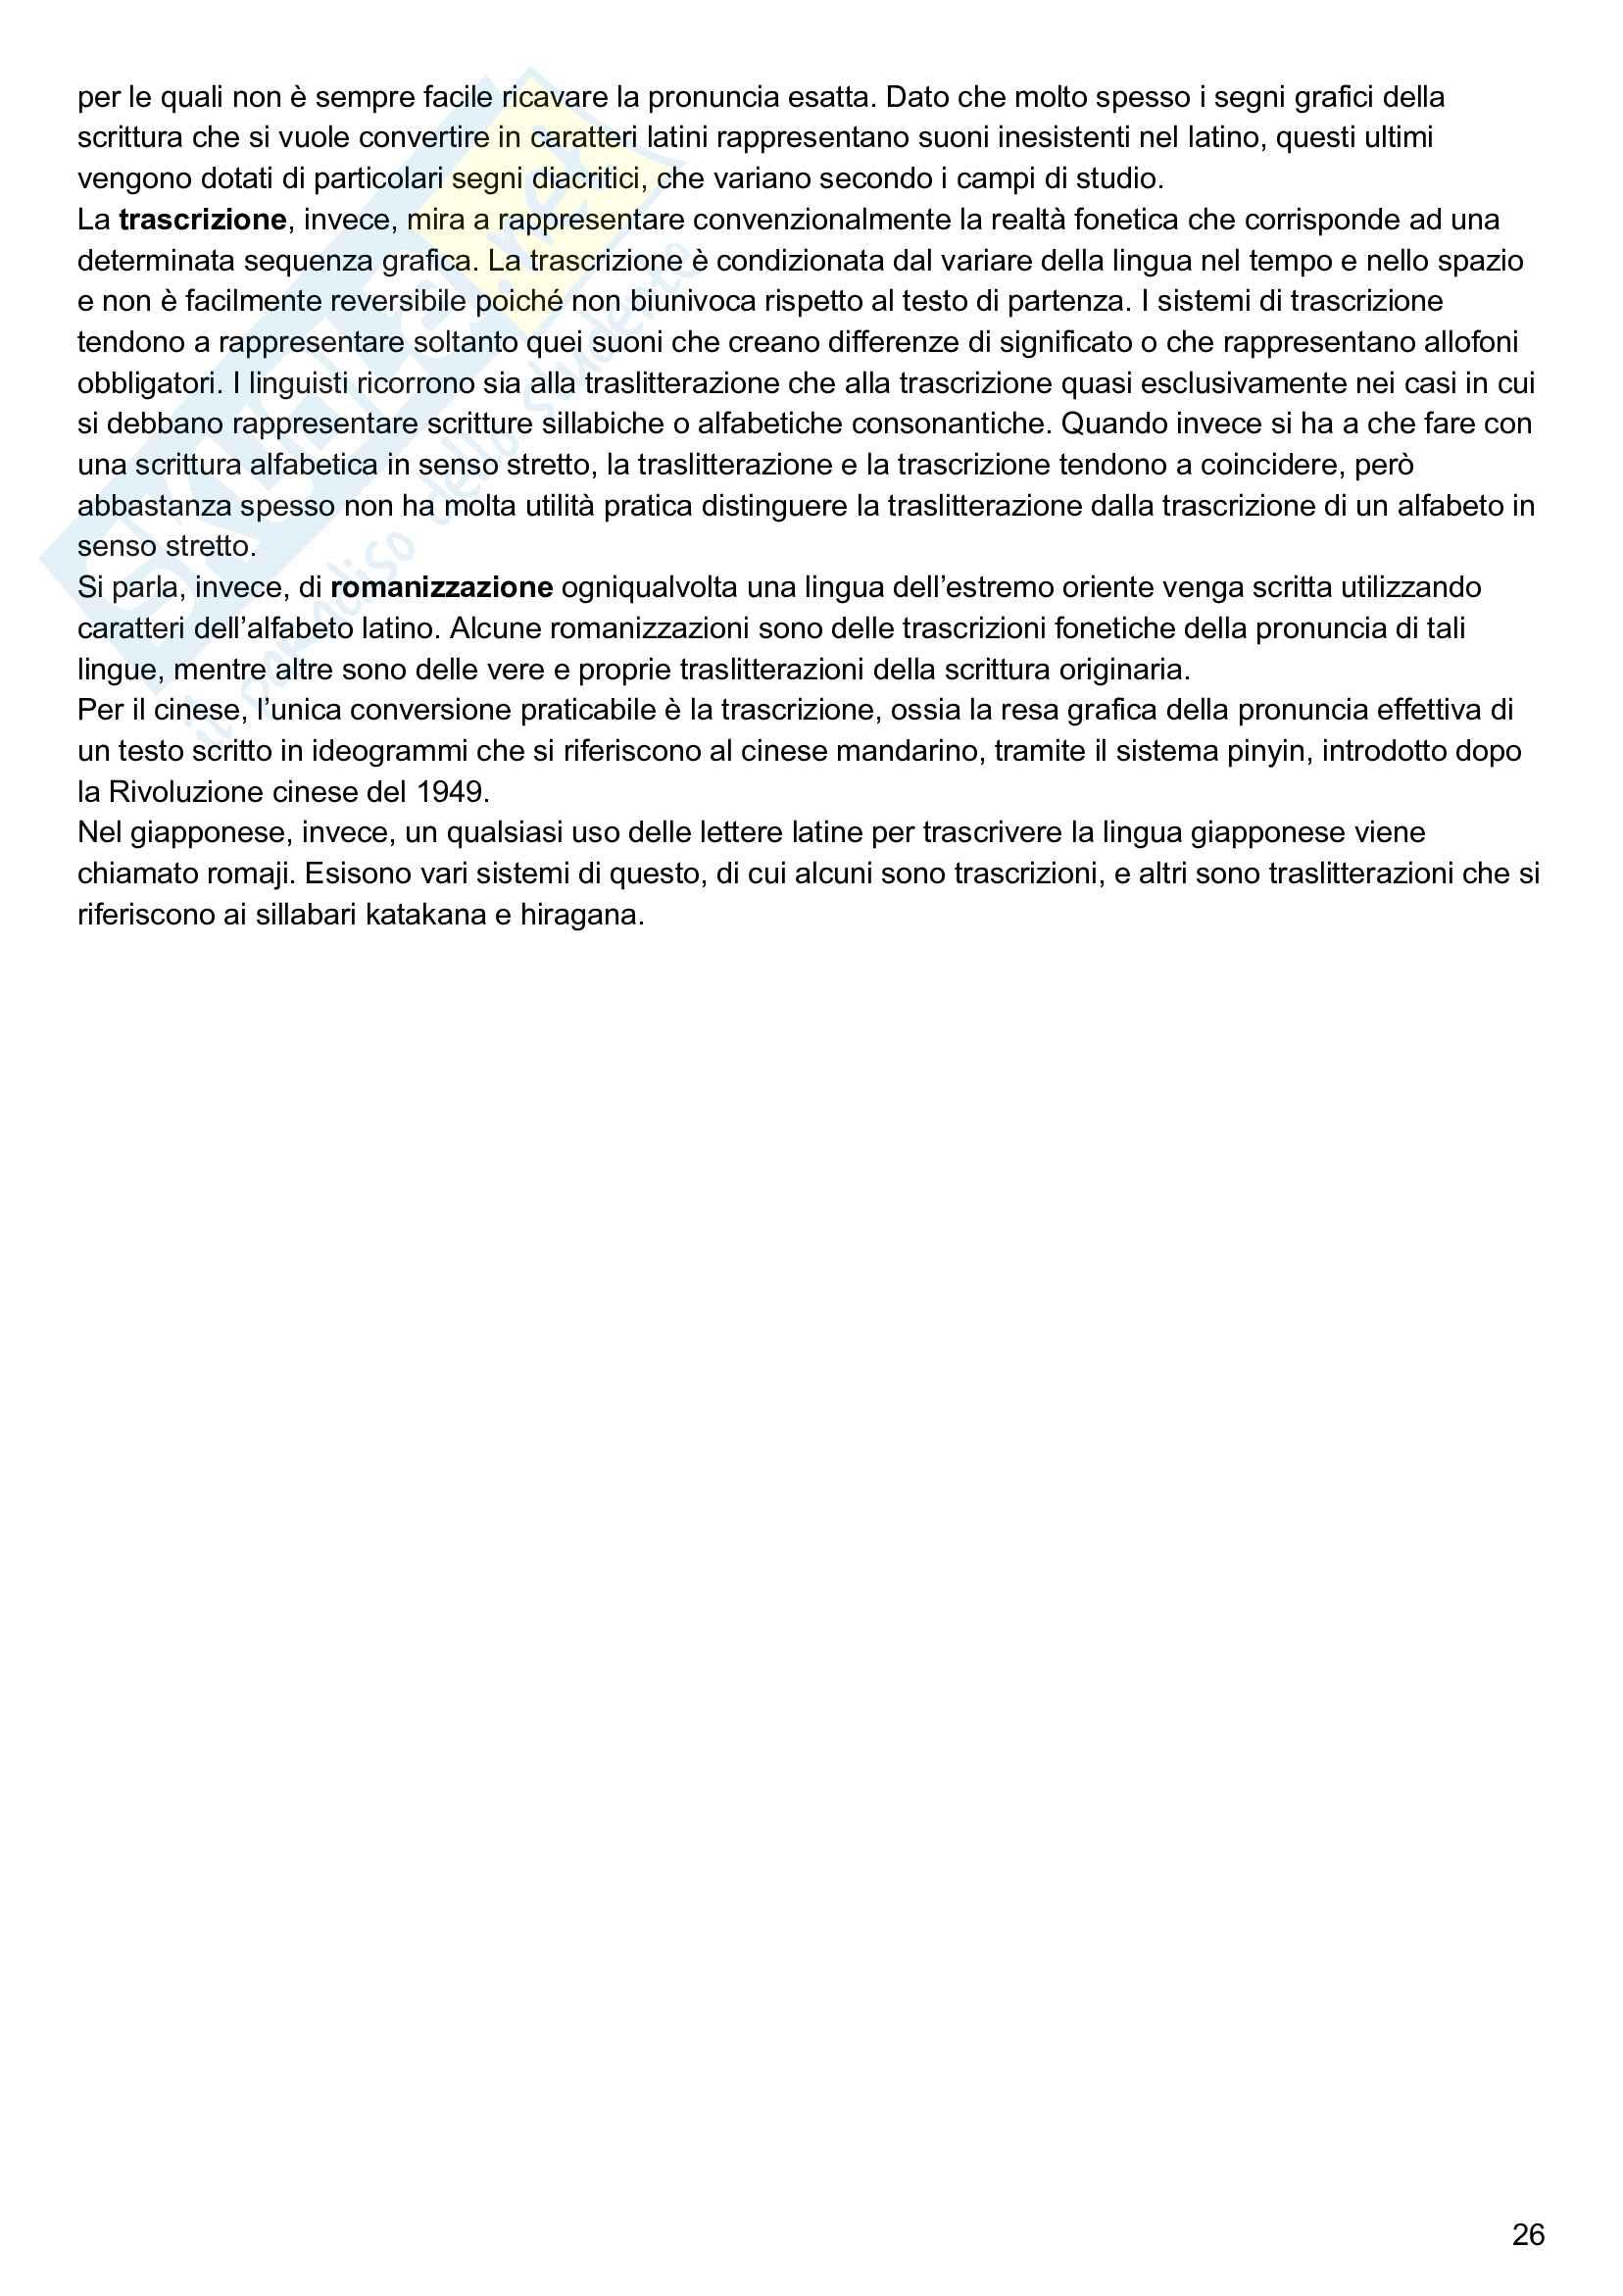 Riassunto esame linguistica generale, prof. Keidan, libro consigliato Linguistica generale e storica, volume 1, Keidan e Ciancaglini Pag. 26